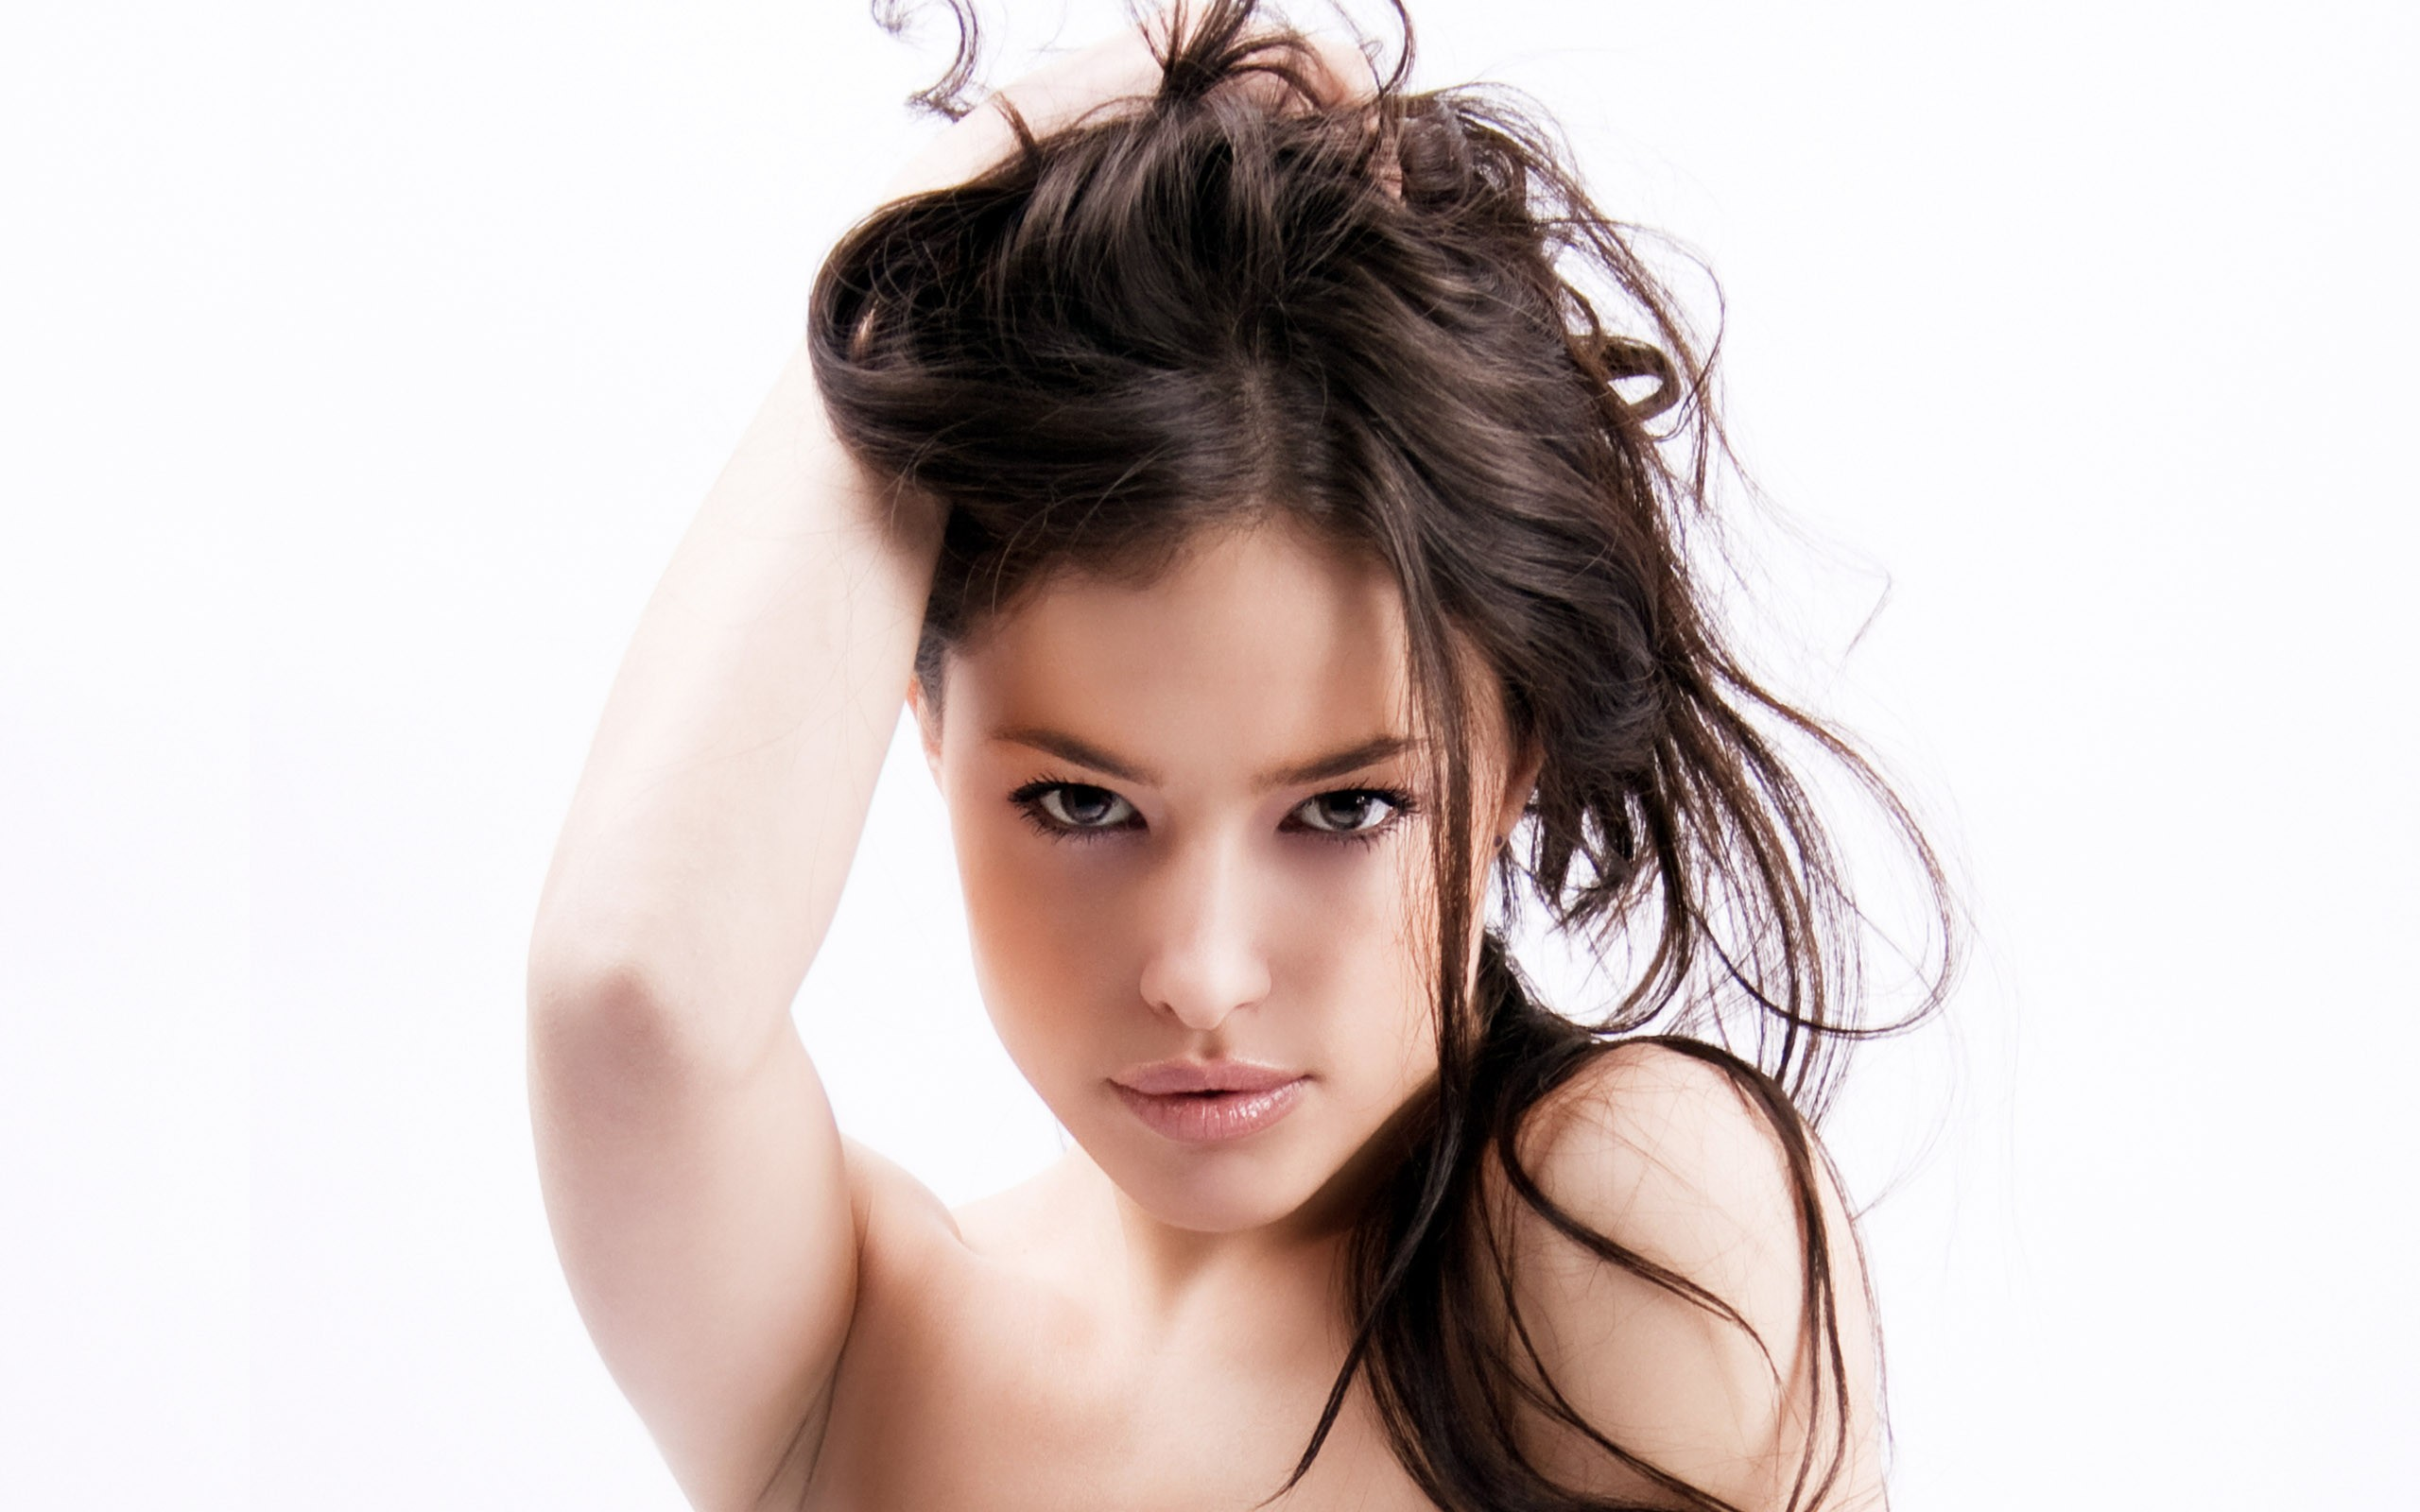 милая девушка волосы блузка скачать